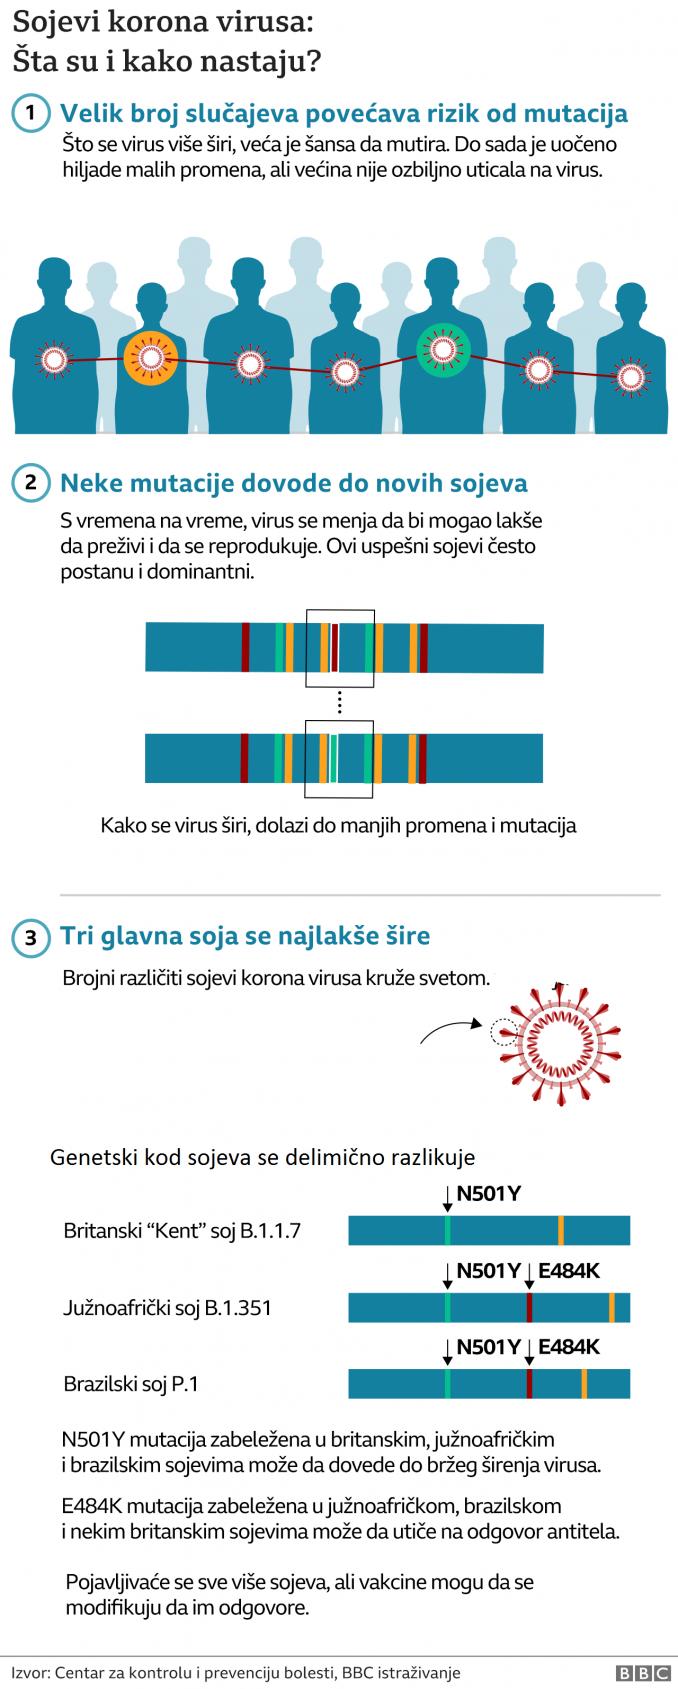 Korona virus: Broj zaraženih u Srbiji raste, Merkel kaže da je Nemačka u trećem talasu pandemije 4